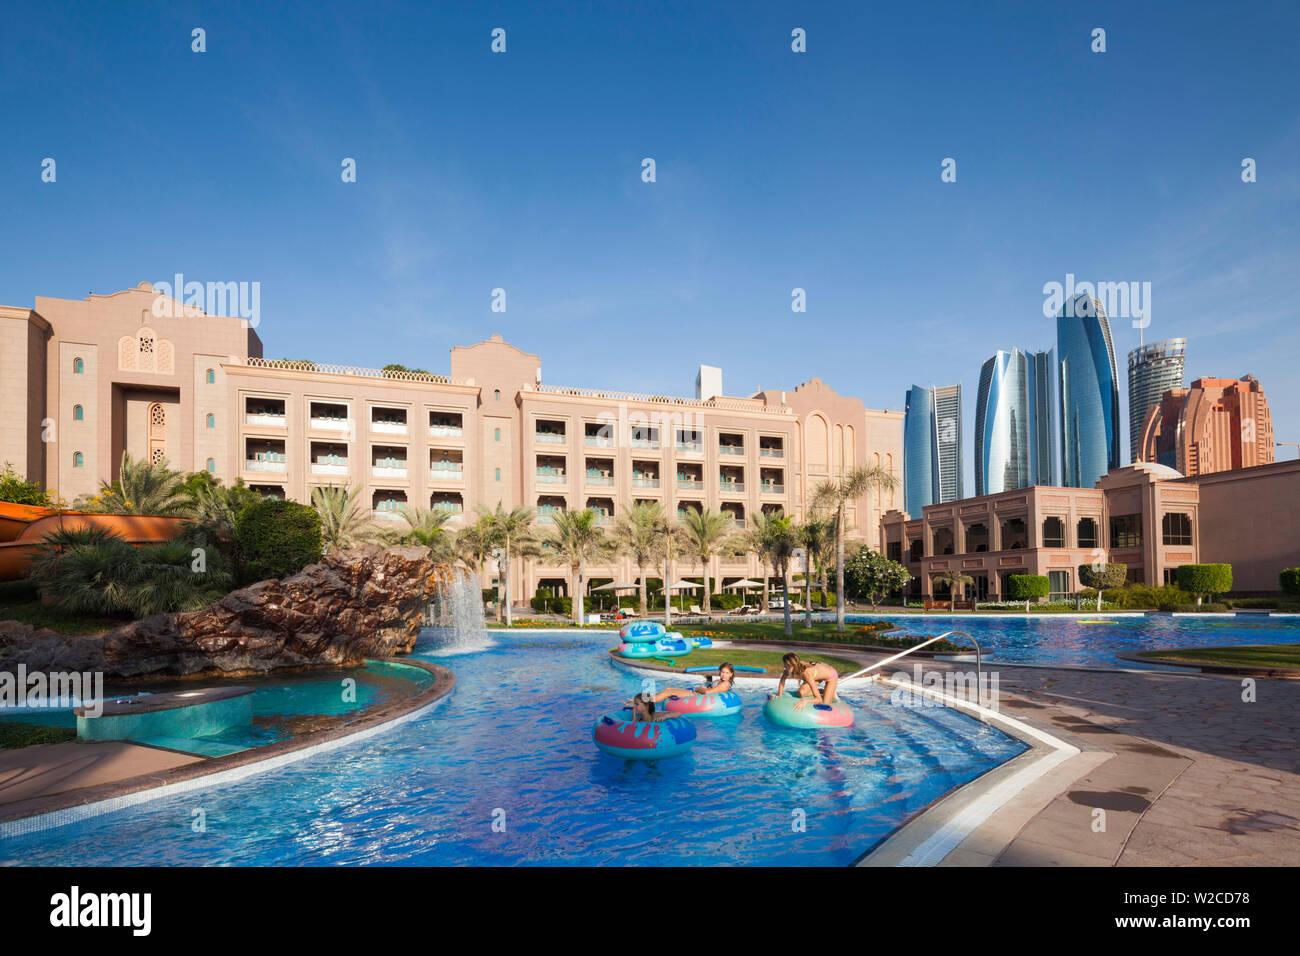 UAE, Abu Dhabi, Emirates Palace Hotel, swimming pool and Etihad Towers - Stock Image